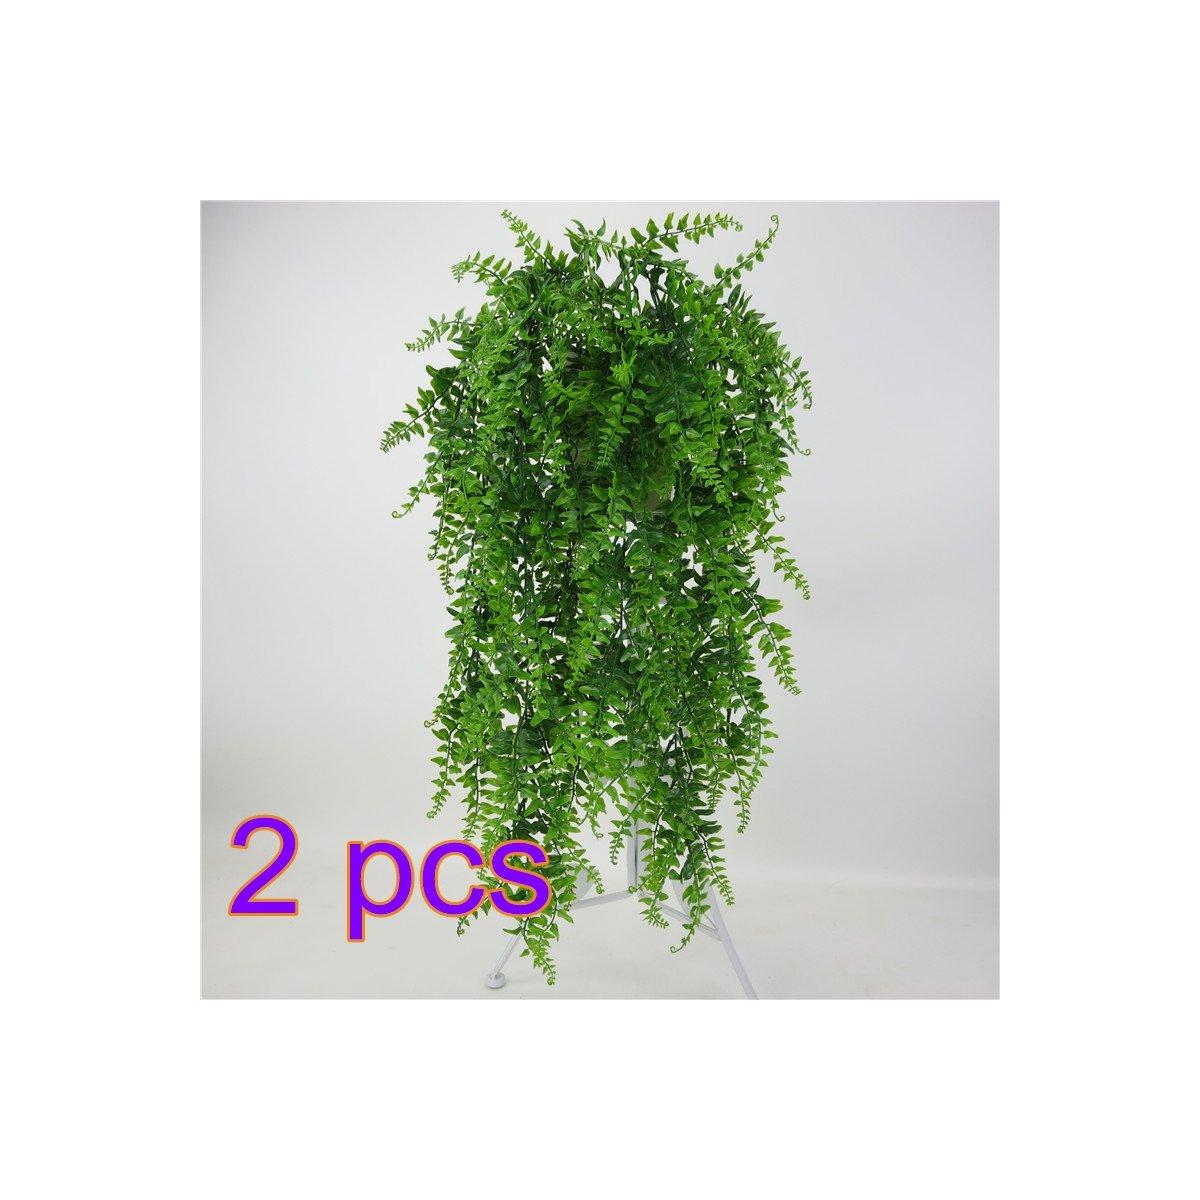 人工ハンギング植物、人工プラスチックシダブッシュFaux Grass Leaves ForホームガーデンOffice市場レストランウェディングの装飾by hwkaiz 2pcs 7X12M43LLCDBLFP7OQ215PN B07BBNSJV8   2pcs